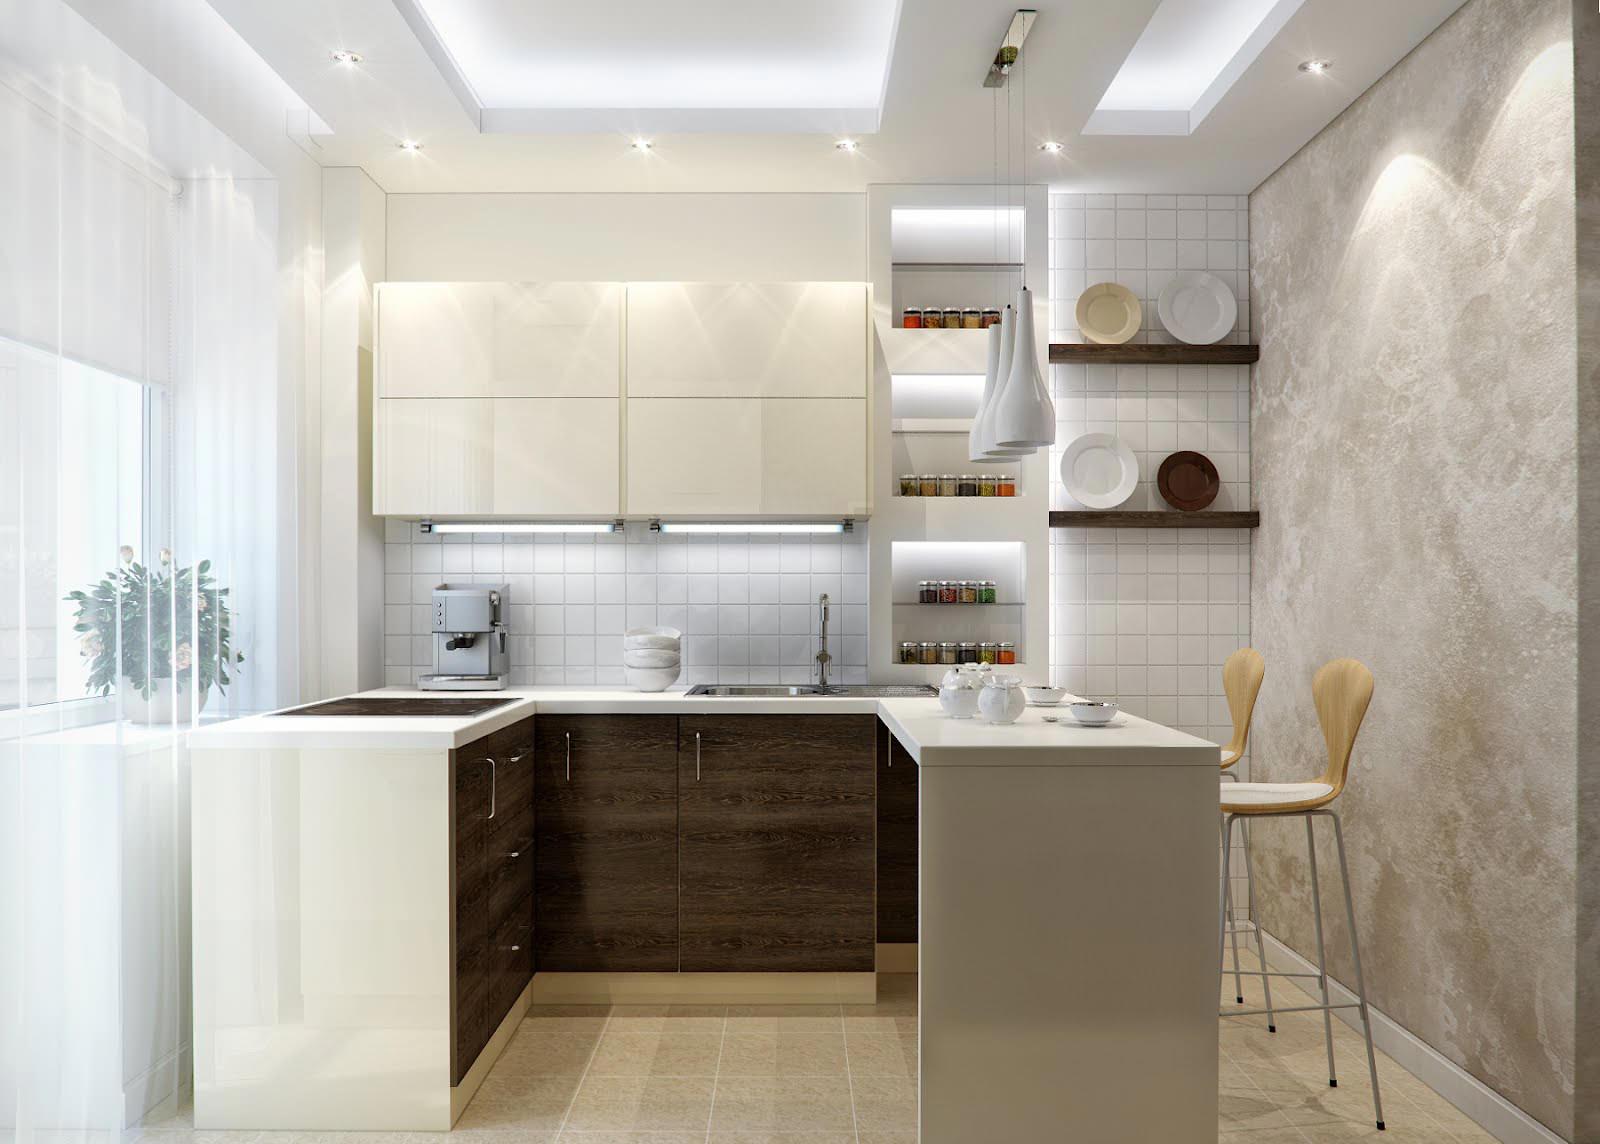 Кухня в хрущевке освещение идеи